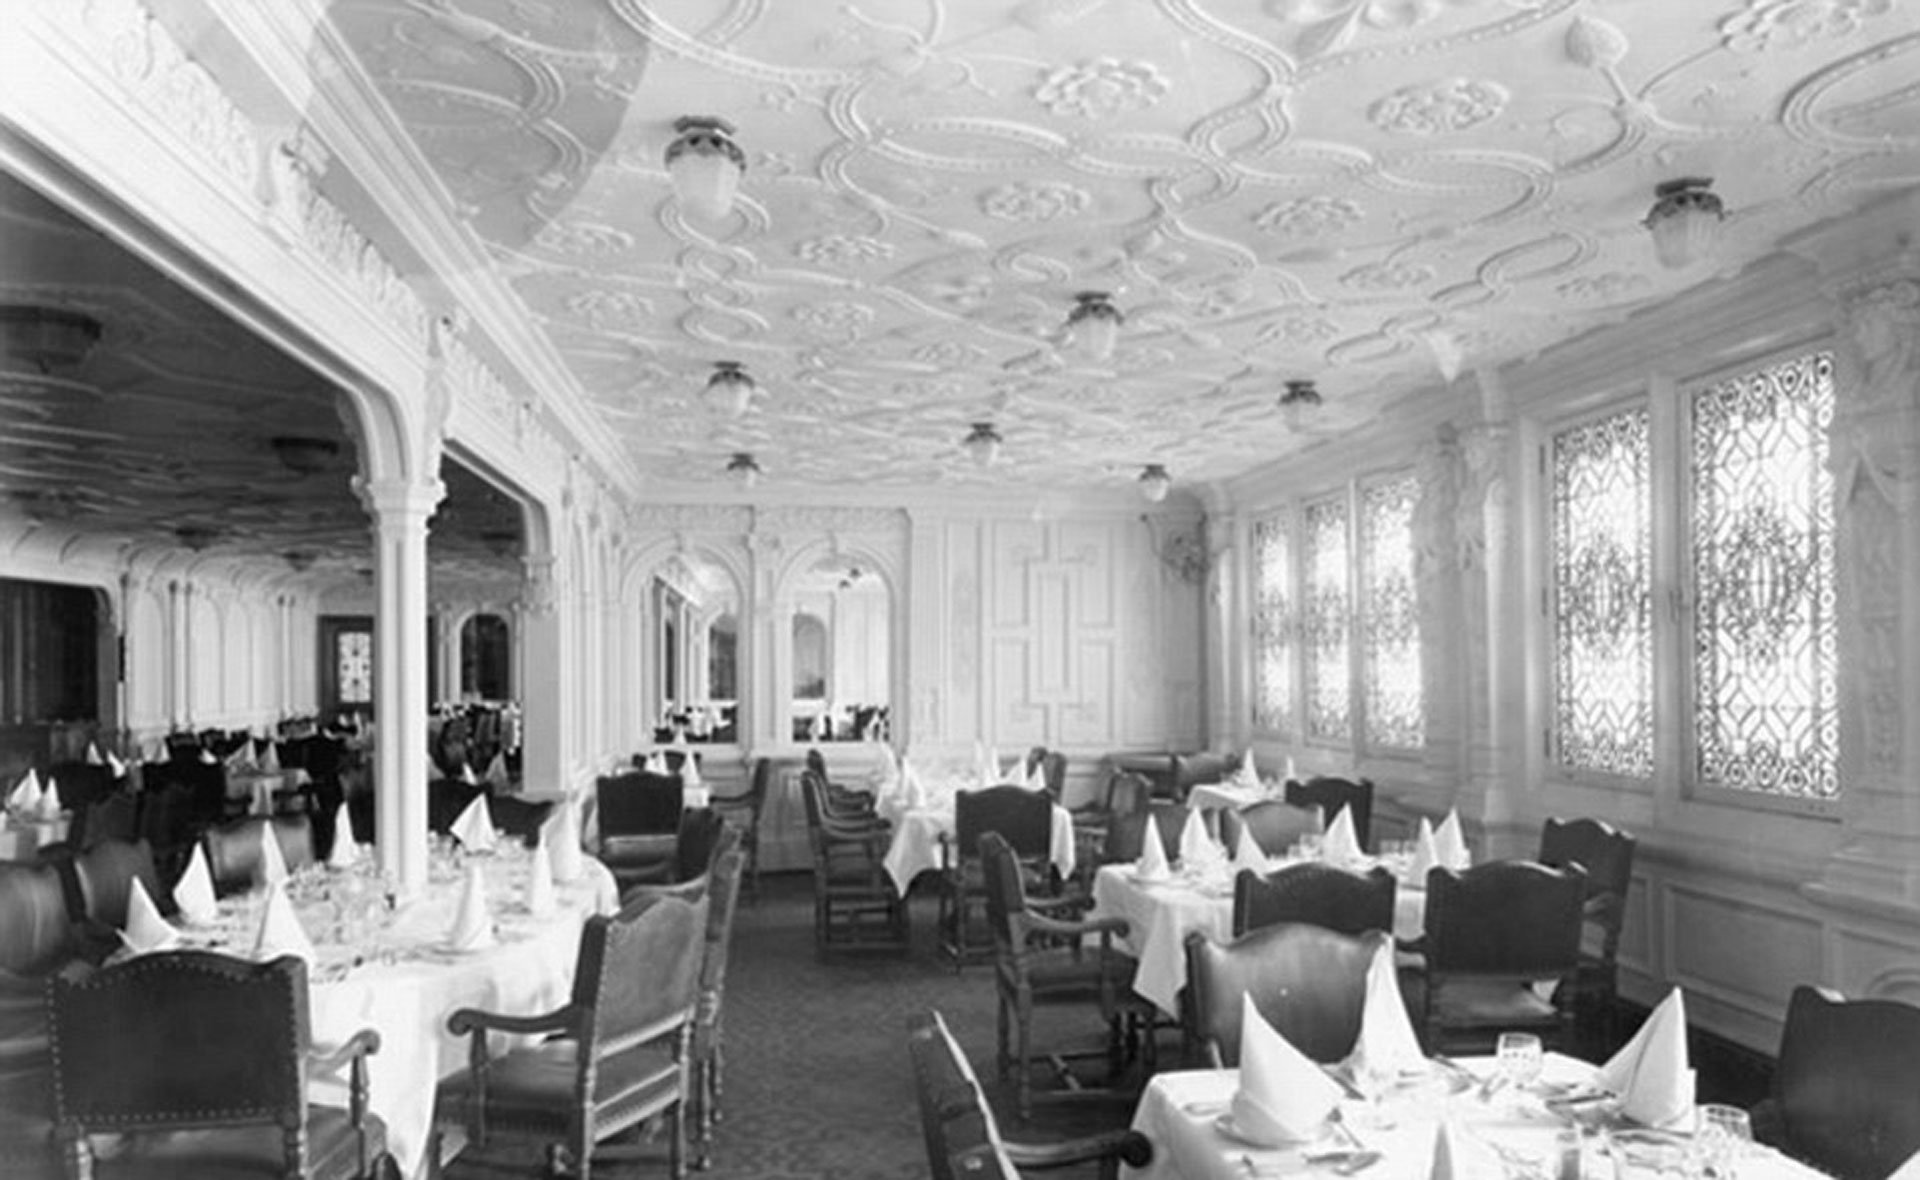 Hasta la disposición de las servilletas tienen pensado respetar en el comedor de la primera clase, tal como las tenía el RMS Titanic en 1912